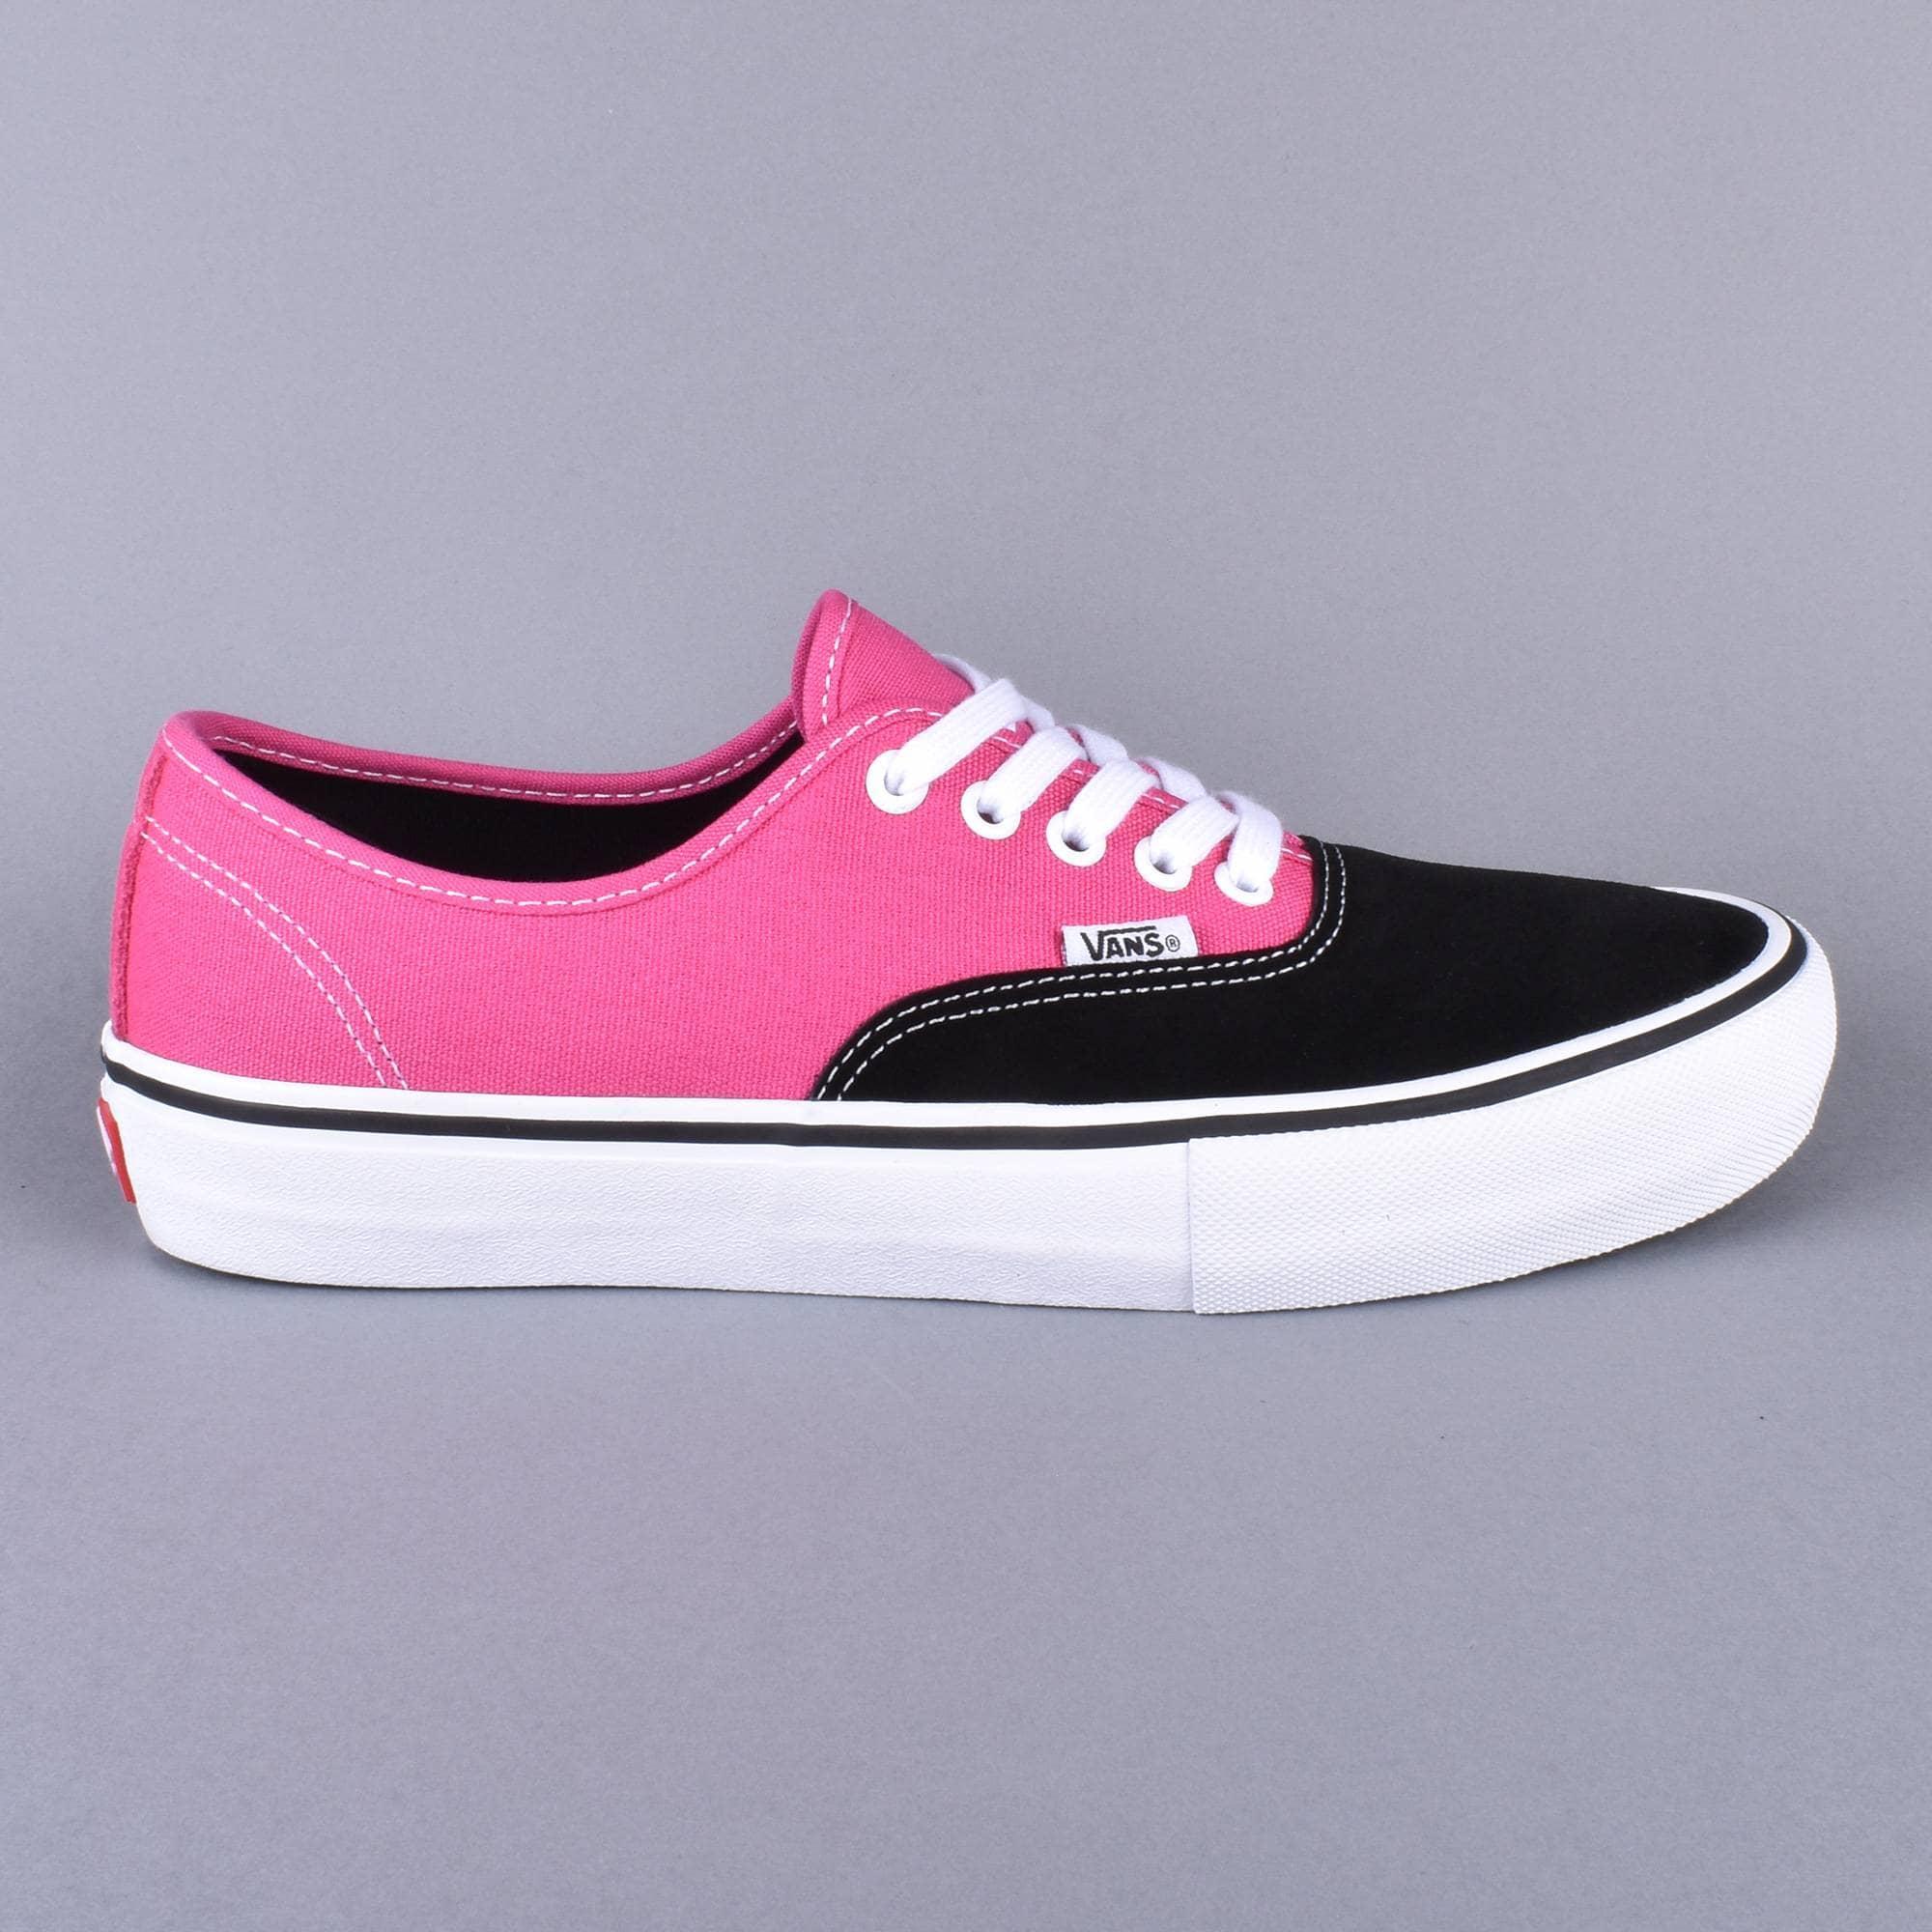 Vans Authentic Pro Skate Shoes - Black